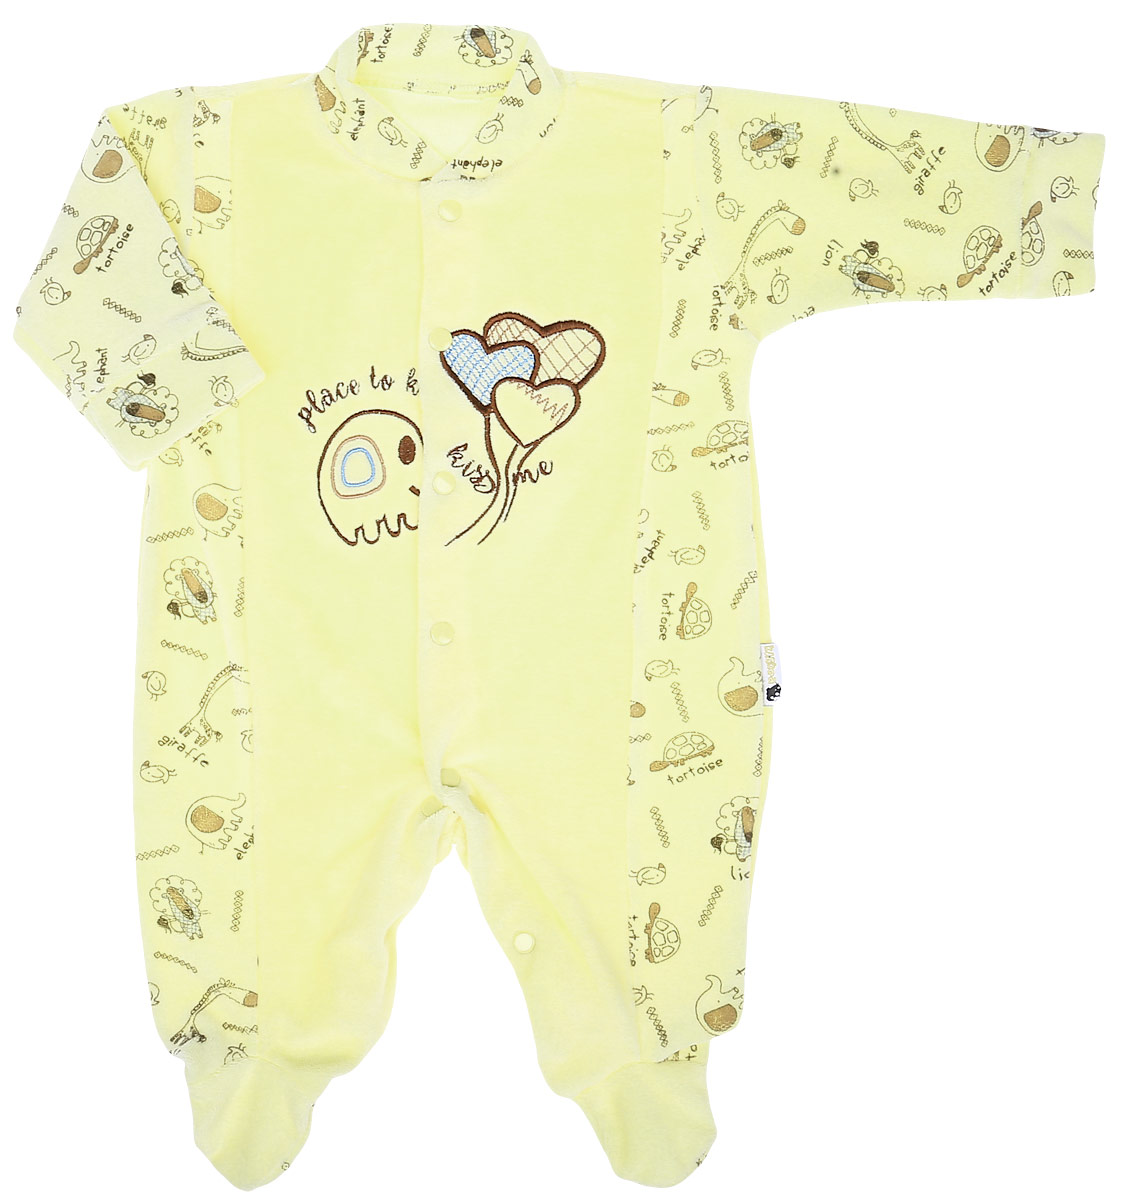 Комбинезон детский Клякса Слоник и шар, цвет: желтый. 55К-531. Размер 6255К-531Детский комбинезон Клякса Слоник и шар соответствует особенностям жизни младенца в ранний период, не стесняя и не ограничивая его в движениях. Изделие выполнено из мягкого велюра. Комбинезон с круглым вырезом горловины, длинными рукавами и закрытыми ножками имеет застежки-кнопки от горловины до щиколоток. Рукава дополнены мягкими манжетами. Модель оформлена принтом, украшена вышивкой.